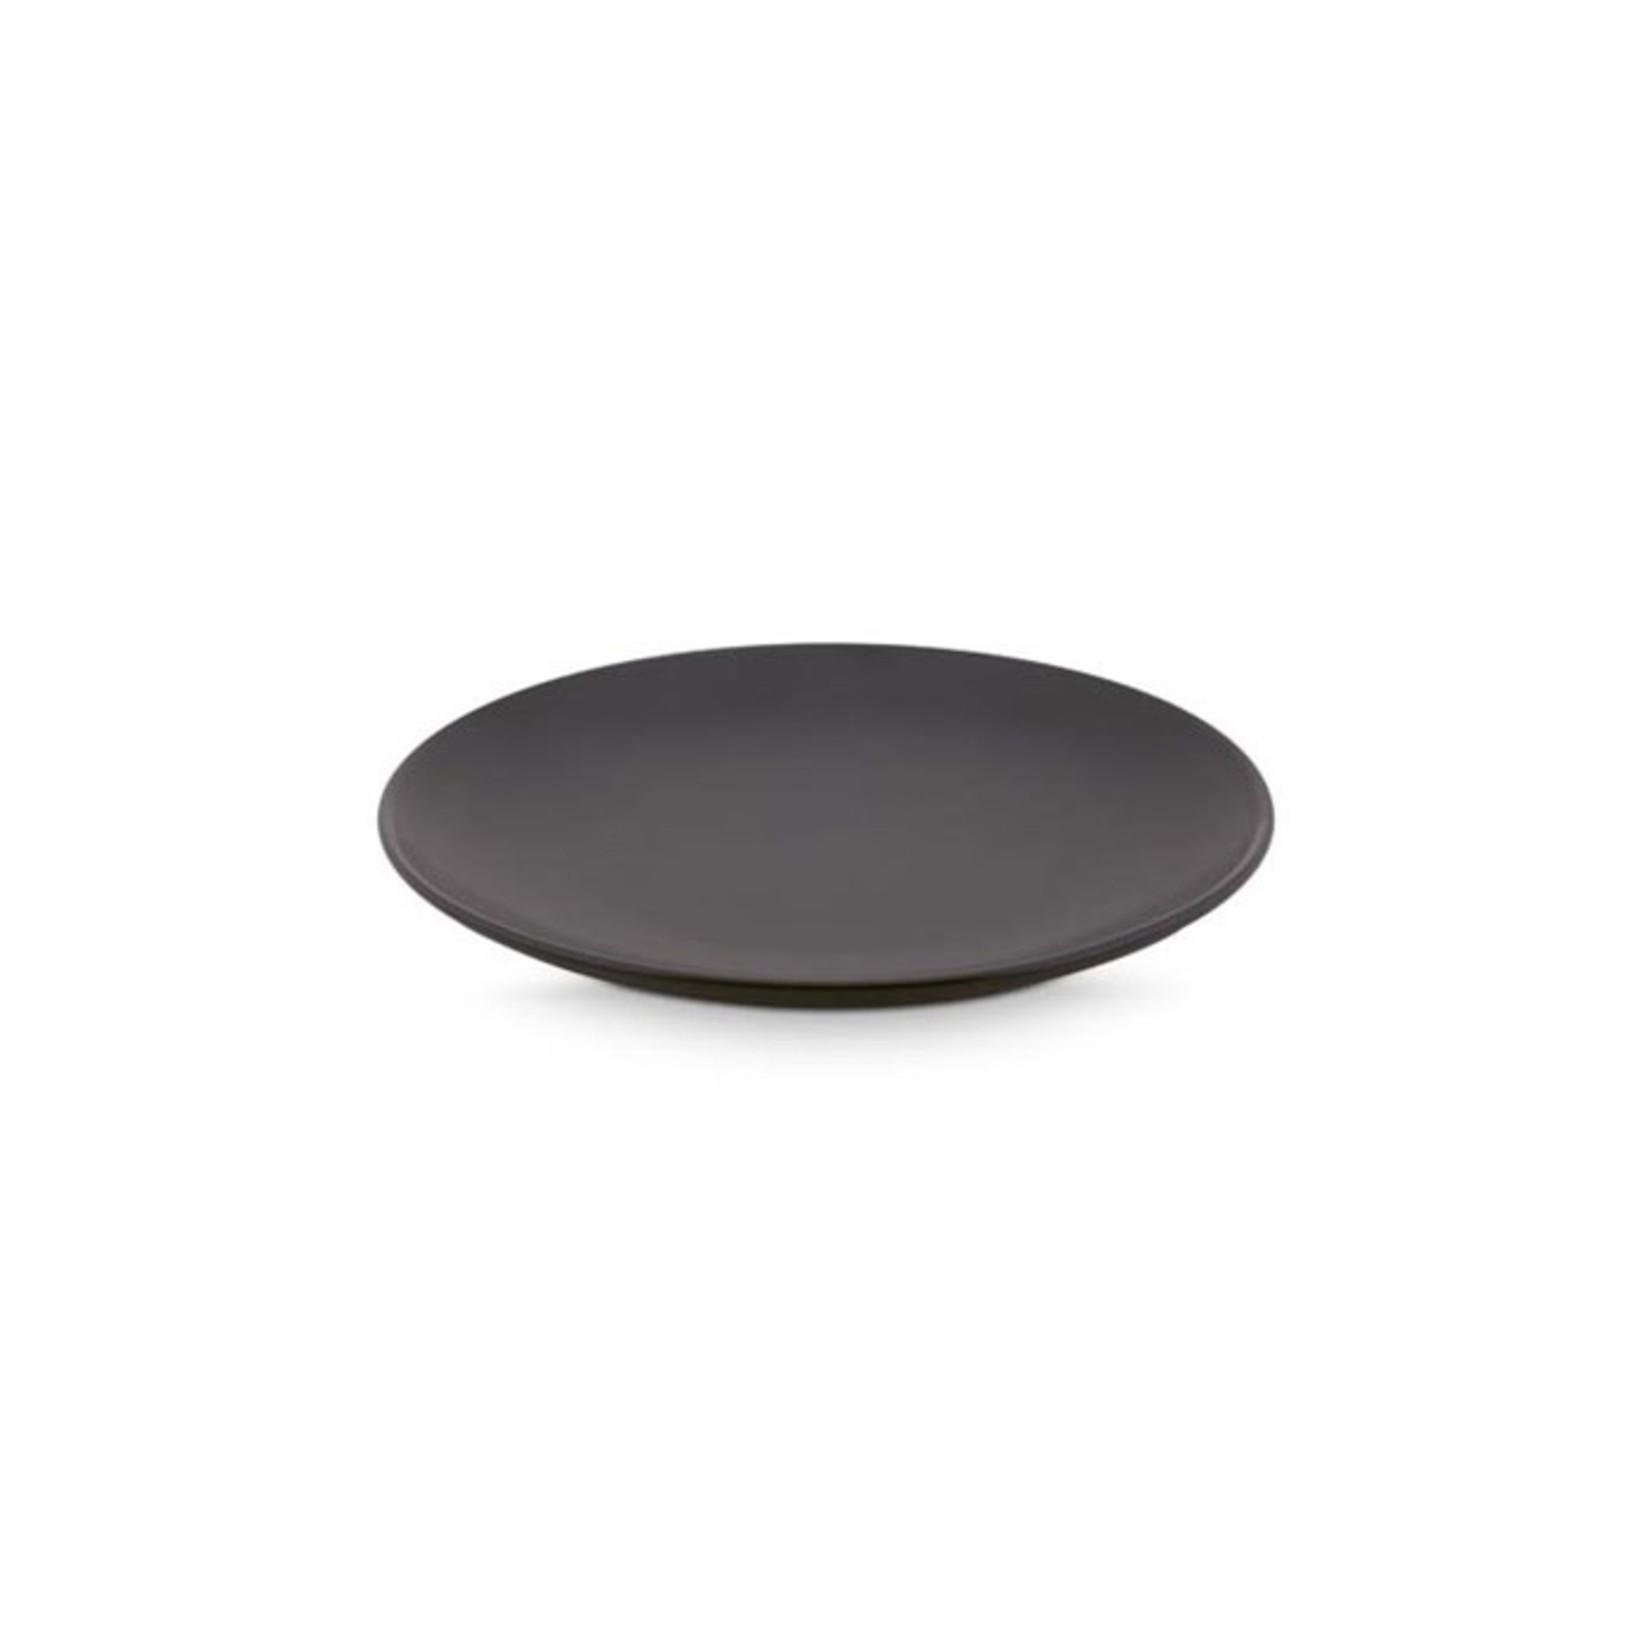 vtwonen vtwonen | Servies bord mat zwart 20cm